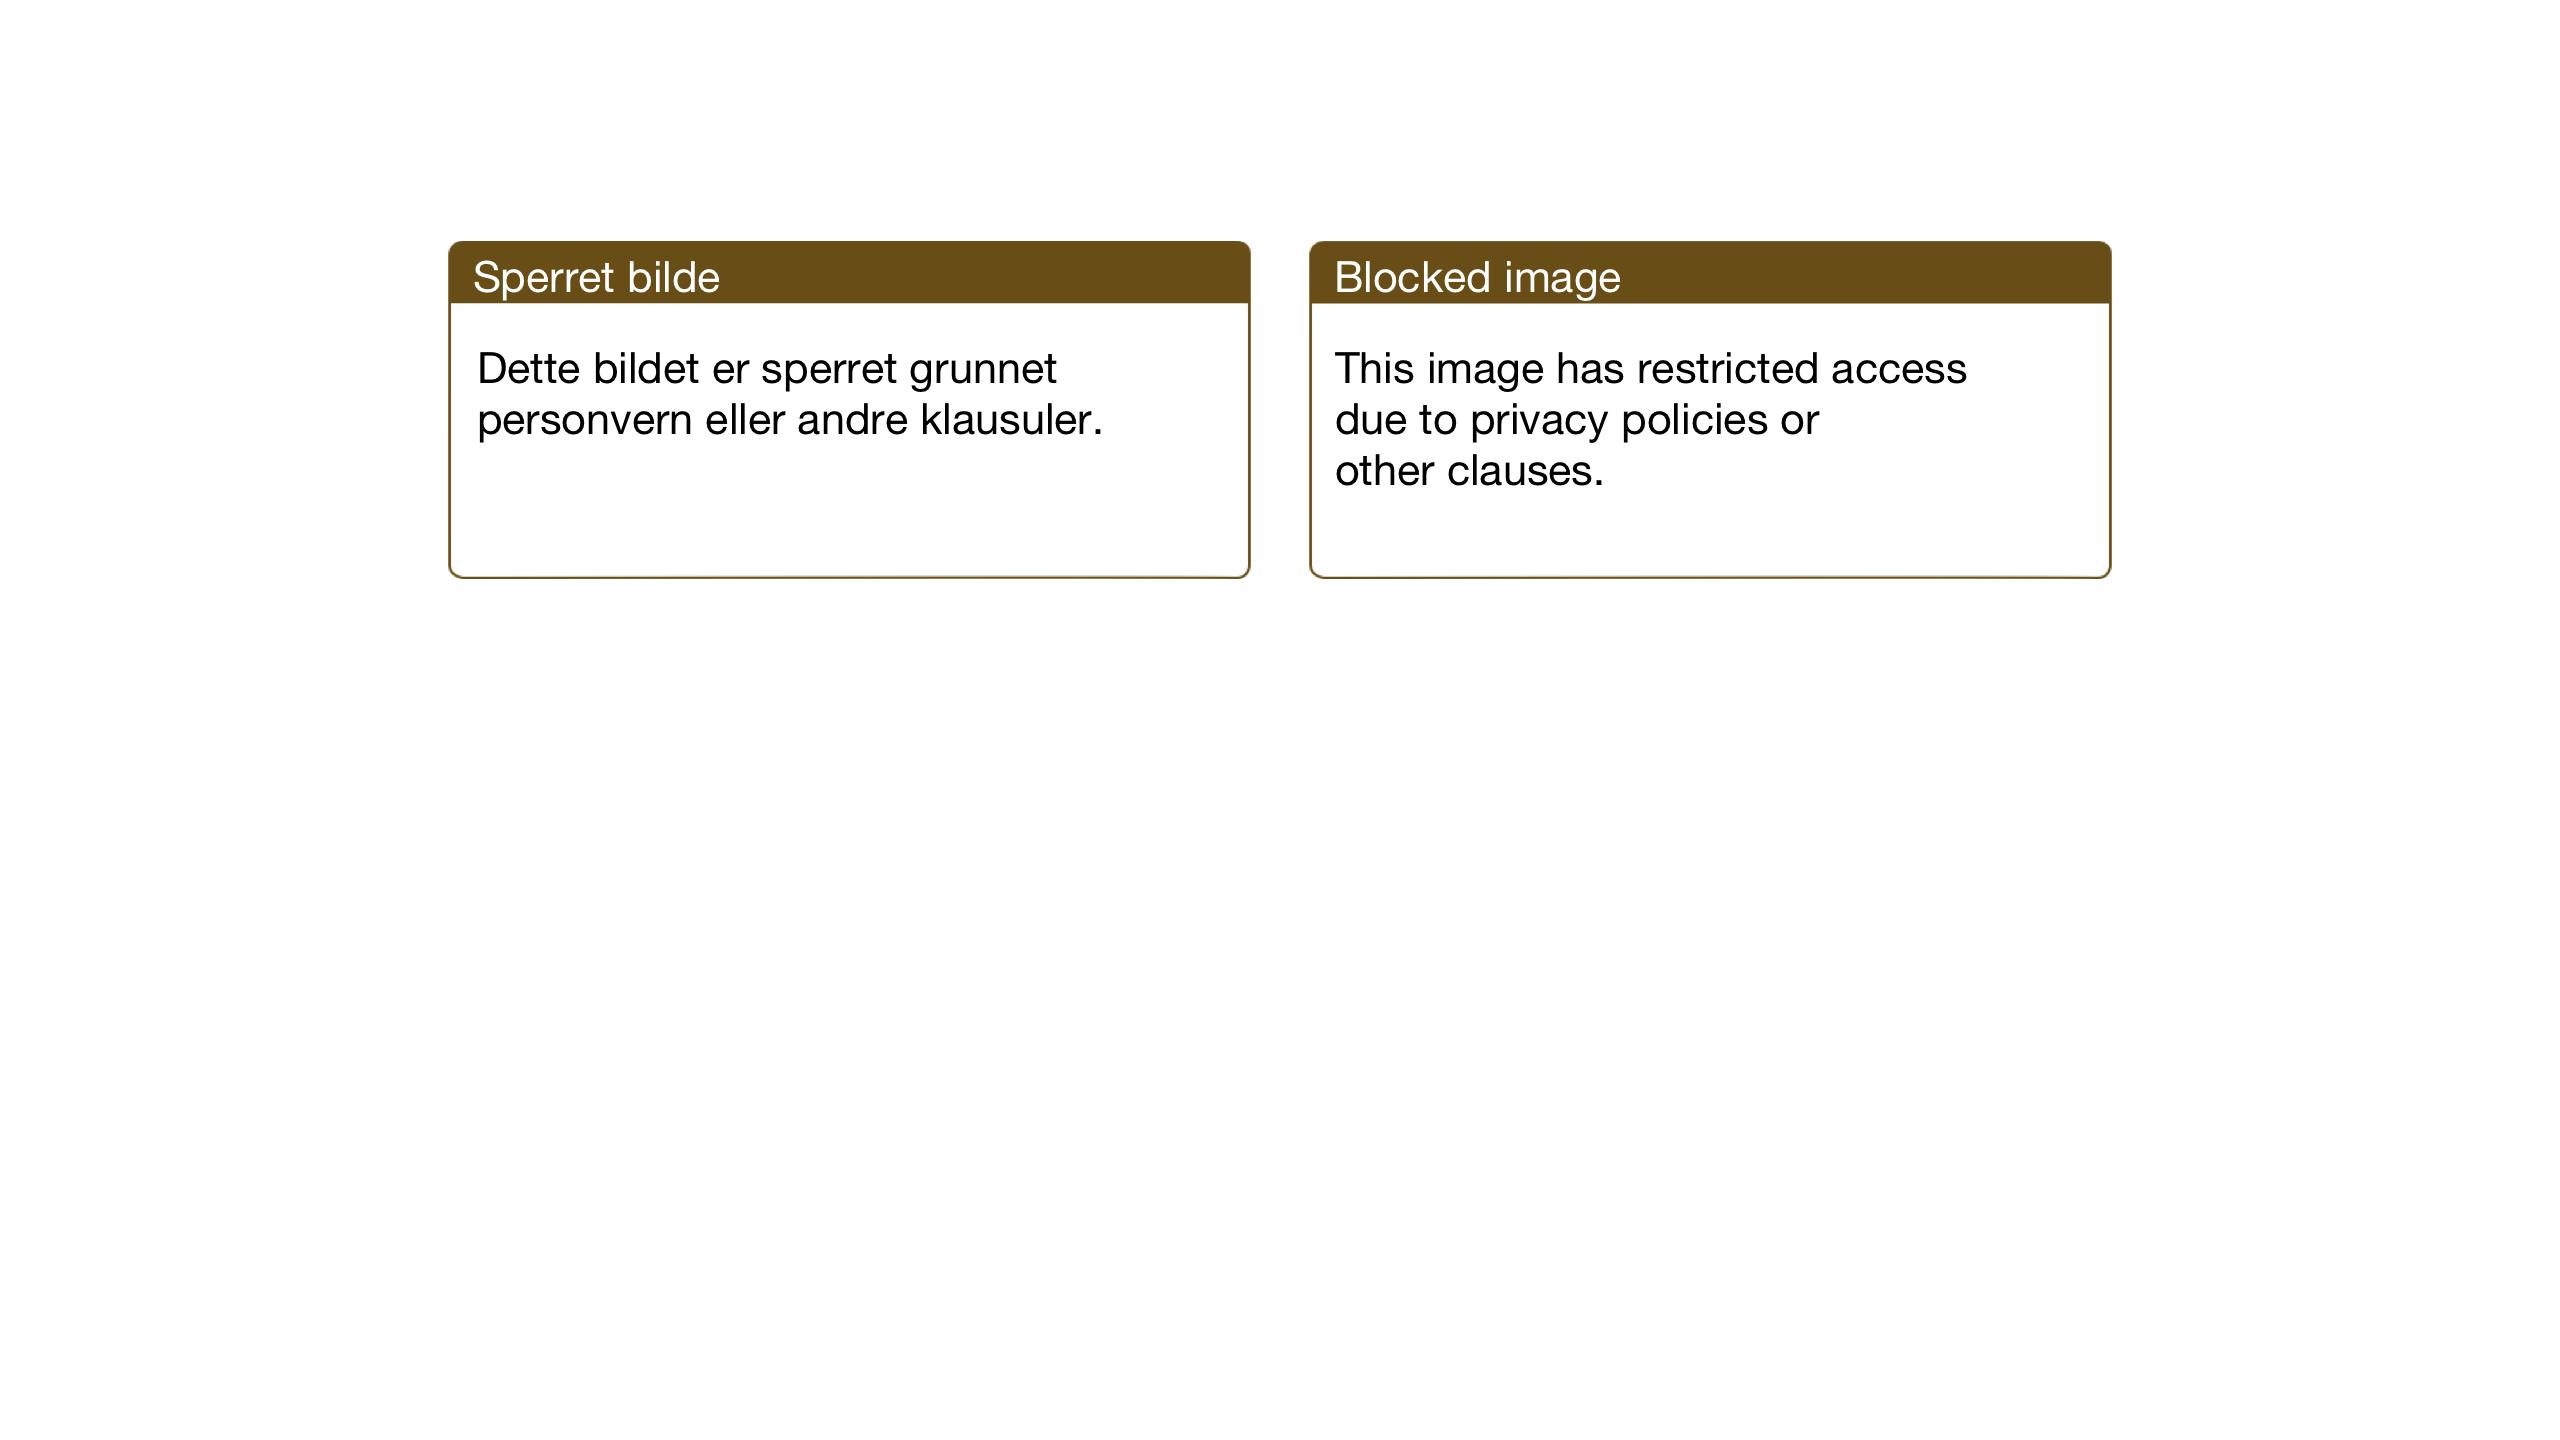 SAT, Ministerialprotokoller, klokkerbøker og fødselsregistre - Sør-Trøndelag, 682/L0947: Klokkerbok nr. 682C01, 1926-1968, s. 23